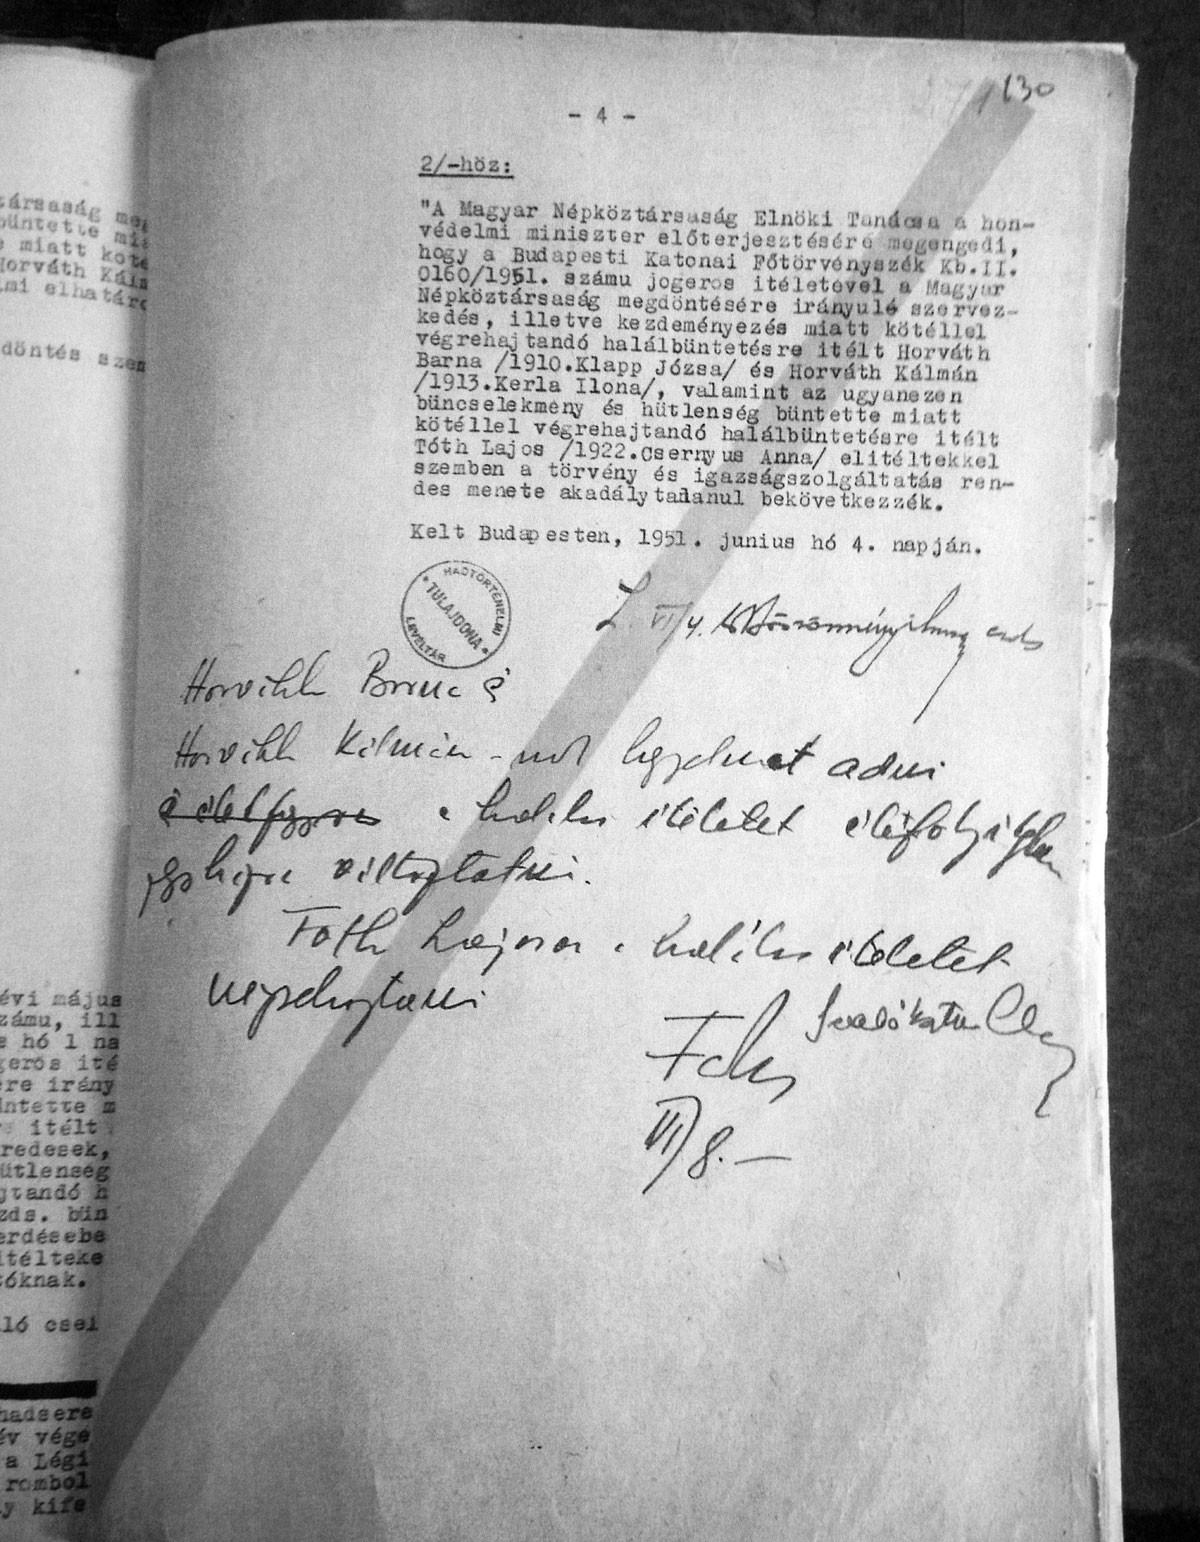 A Farkas Mihály kézírásával ellátott dokumentum. Az embernek az az érzése Farkas kézírása olvastán, hogy Horváth Barna és Horváth Kálmán talán annak köszönhette megmenekülését, hogy a 29 éves Tóth Lajos halálát kívánta a bosszúálló miniszter